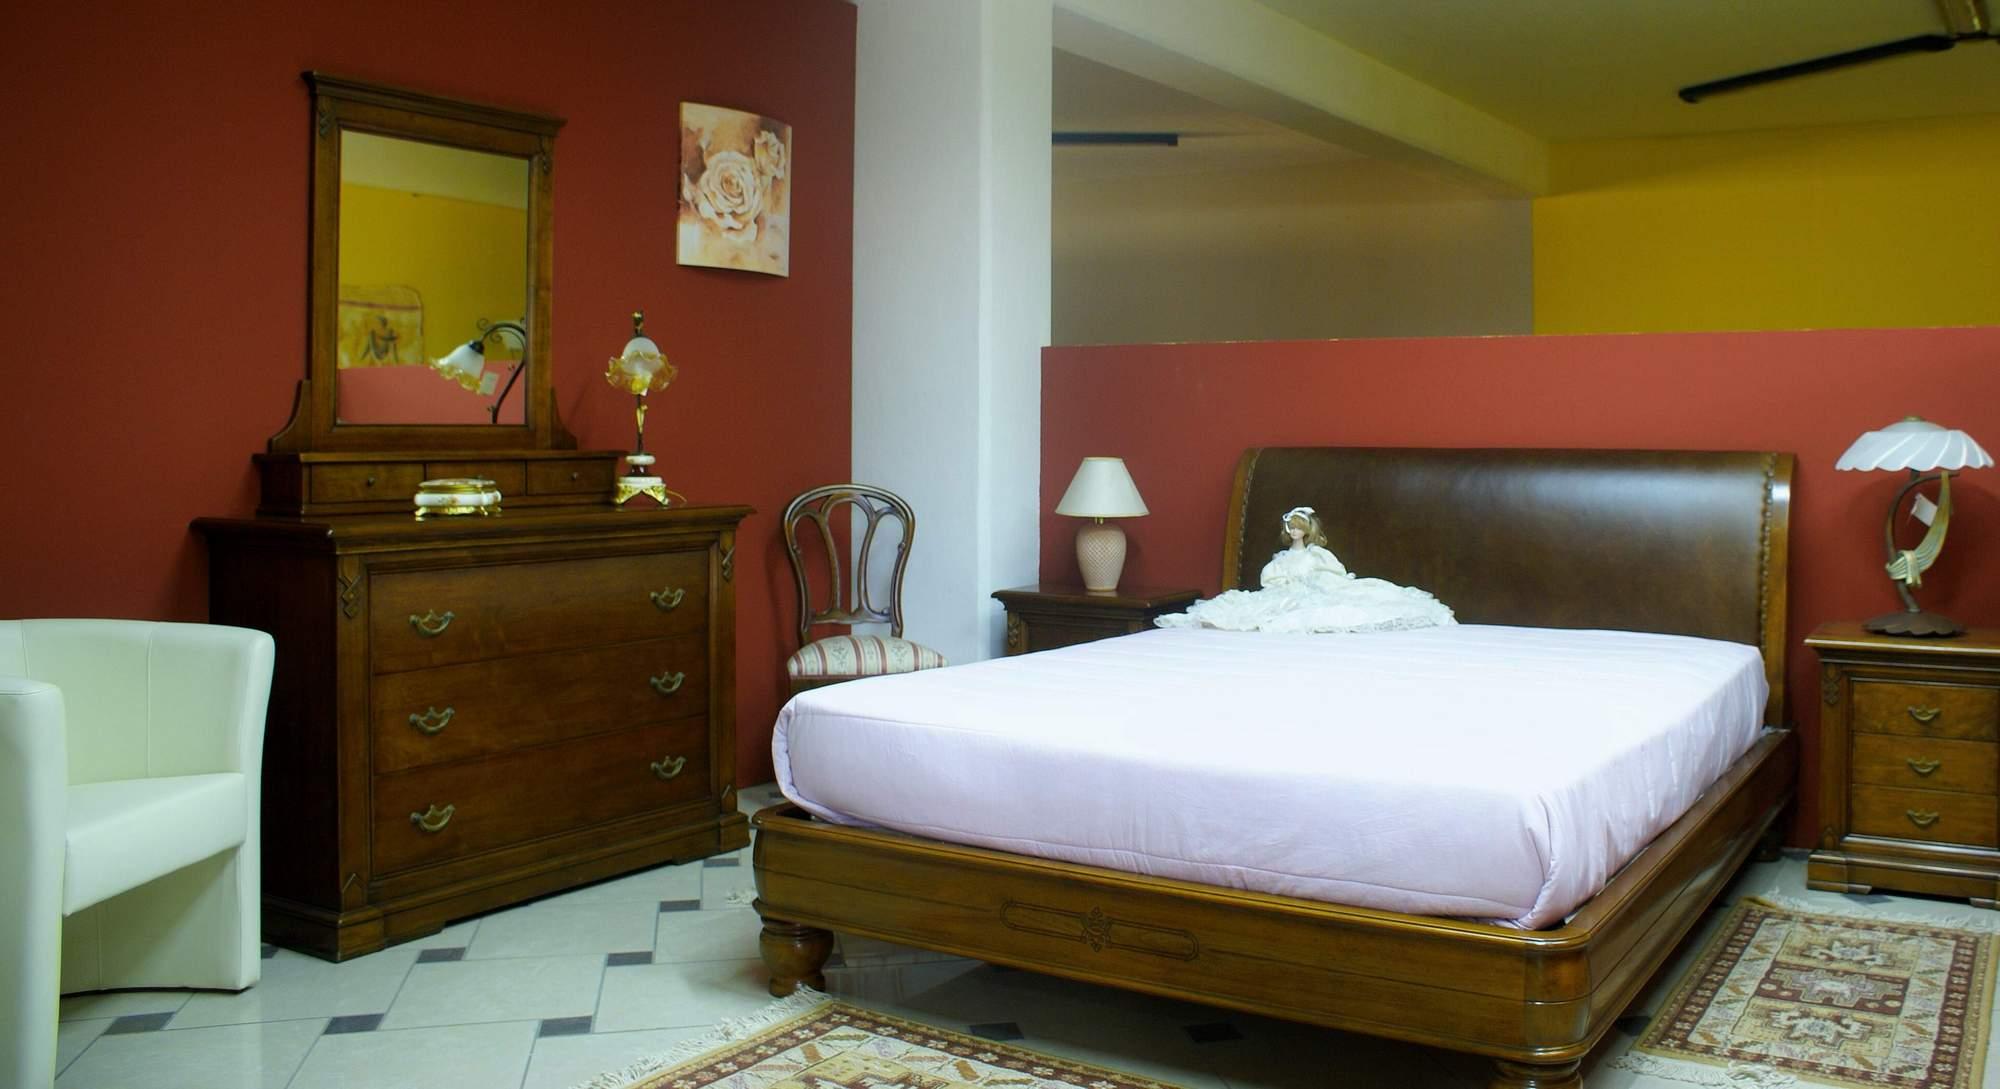 Camera da letto bamar classico noce scuro buongiovanni mobili - Camera da letto in noce ...